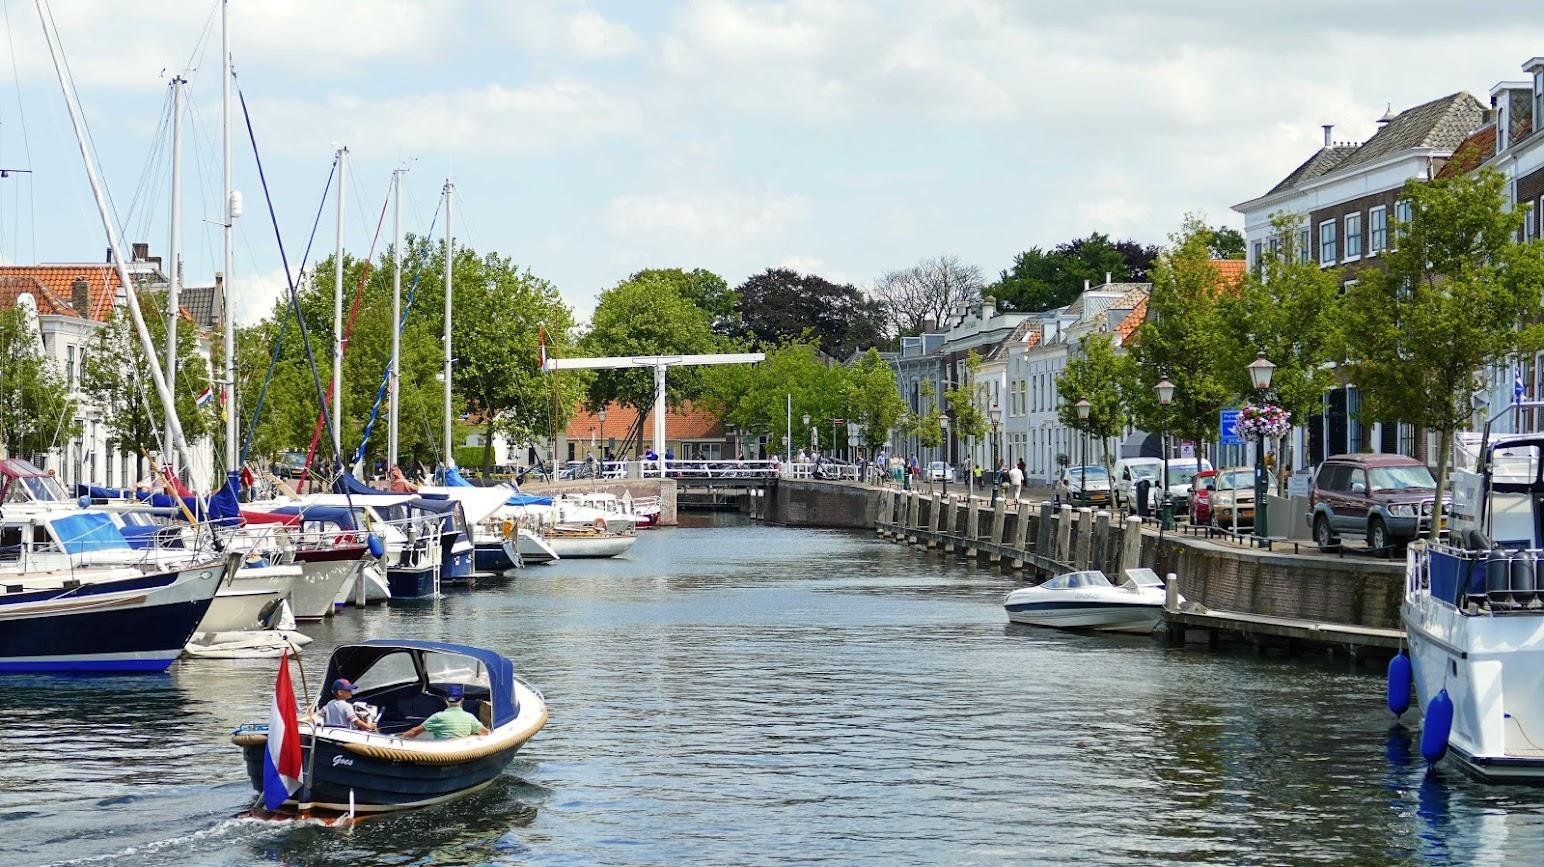 Aangeboden door: Stichting Microtoerisme InZicht Fotoblog Stadshaven Maartensbrug